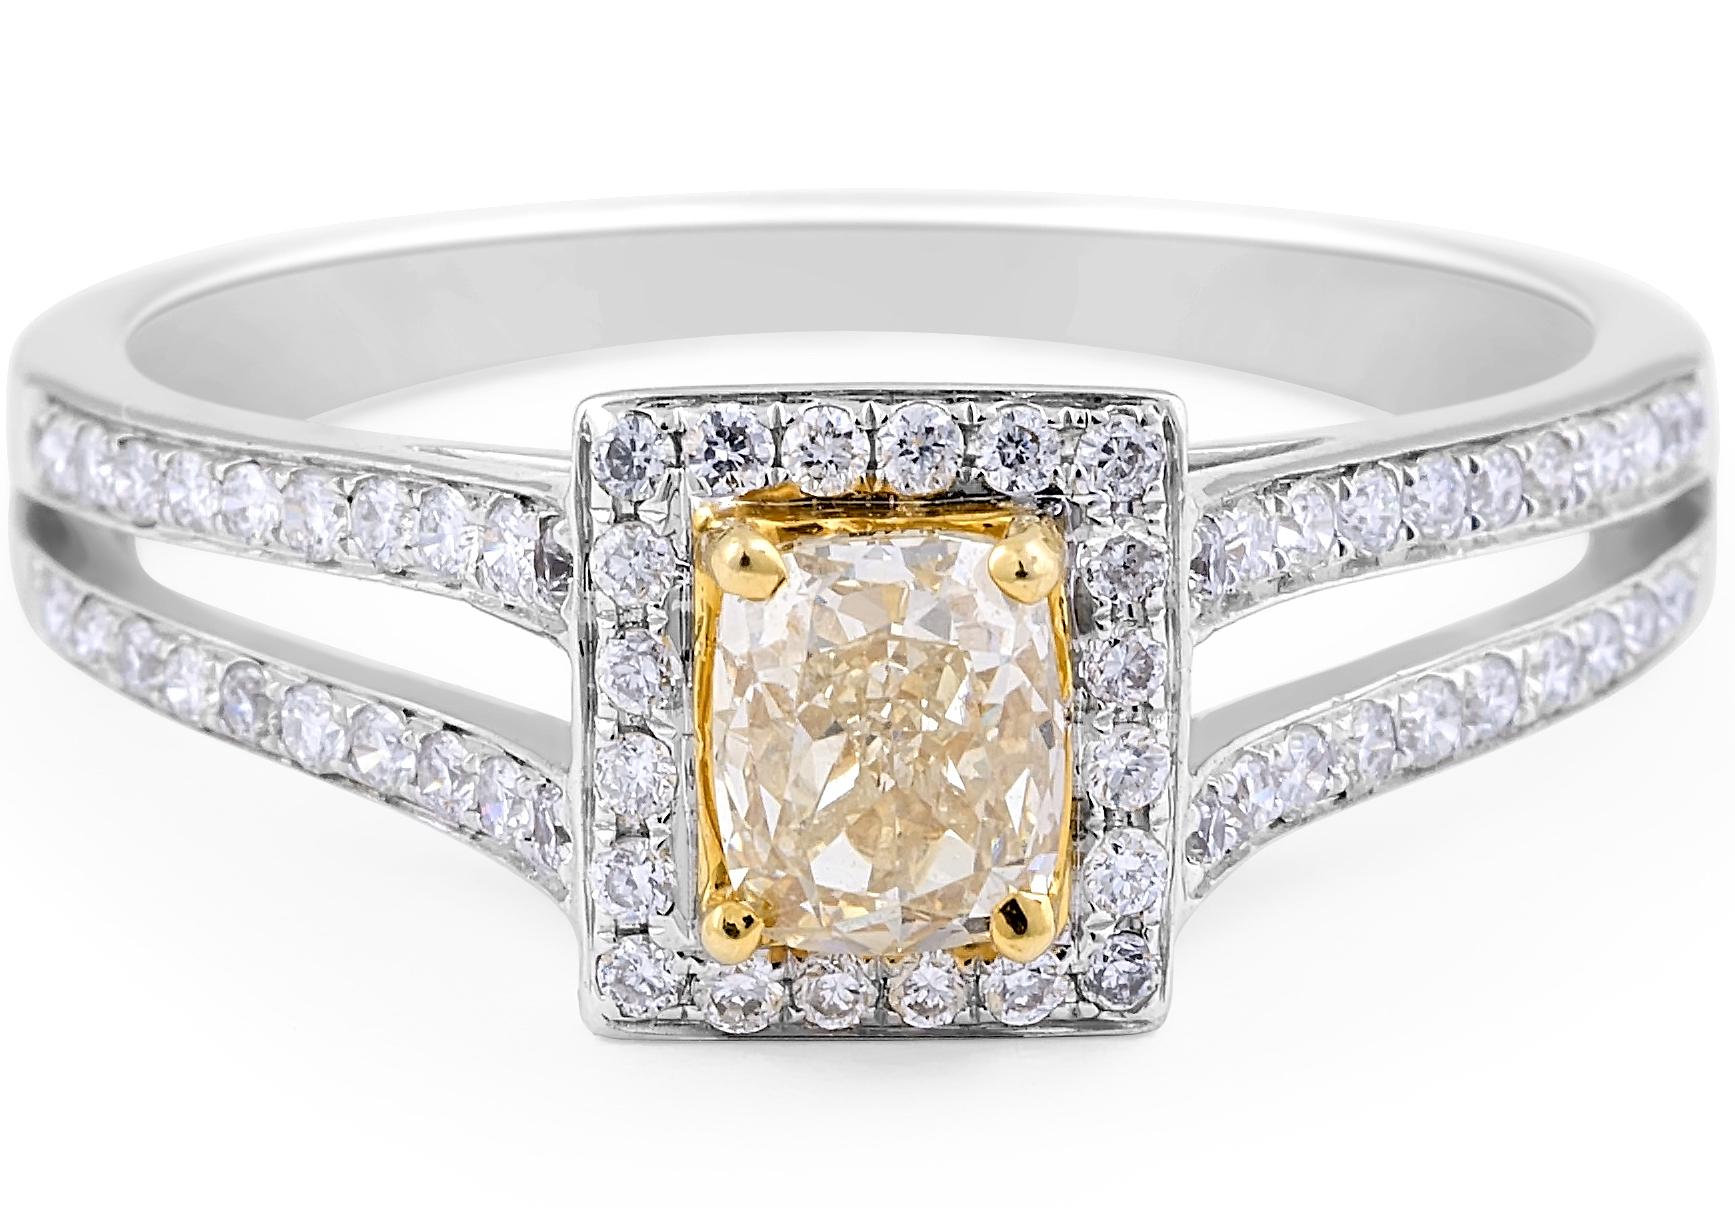 Fancy Yellow Diamond Ring in 18 Karat White Gold Gemstone rings